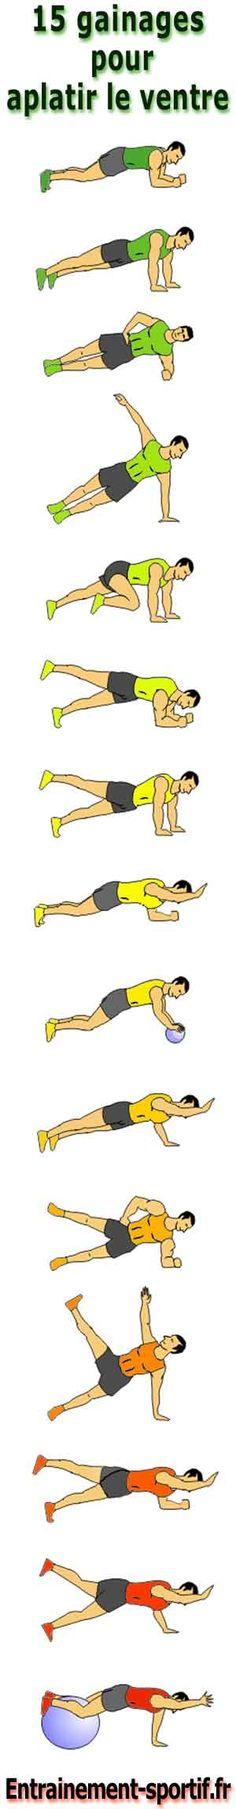 15 gainages pour aplatir le ventre